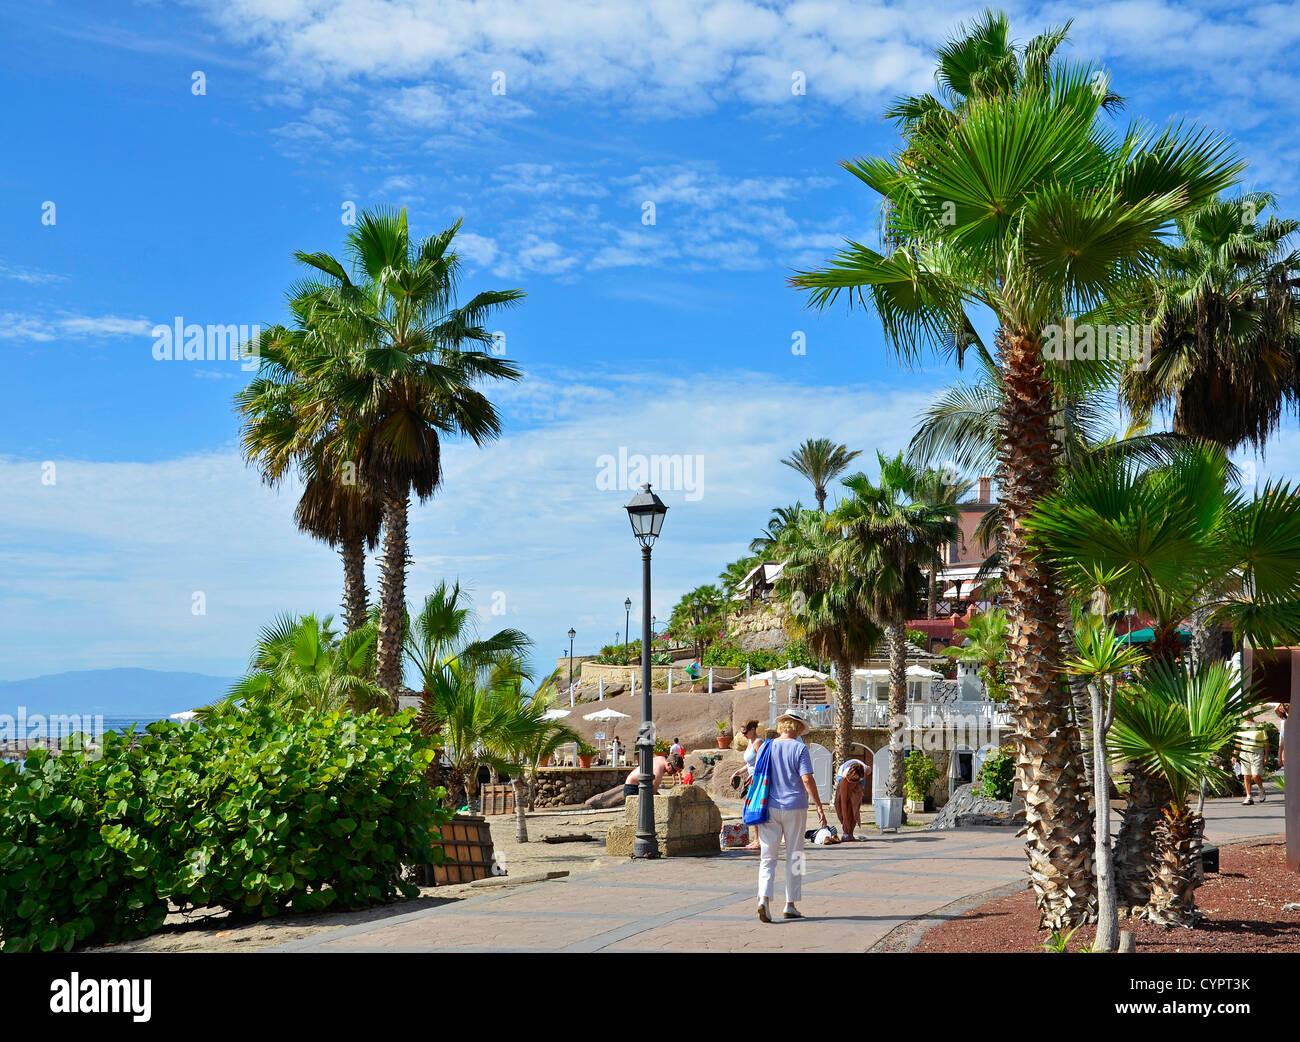 El complejo de Bahía Del Duque, en la Costa de Adeje, en Tenerife, Islas Canarias Imagen De Stock